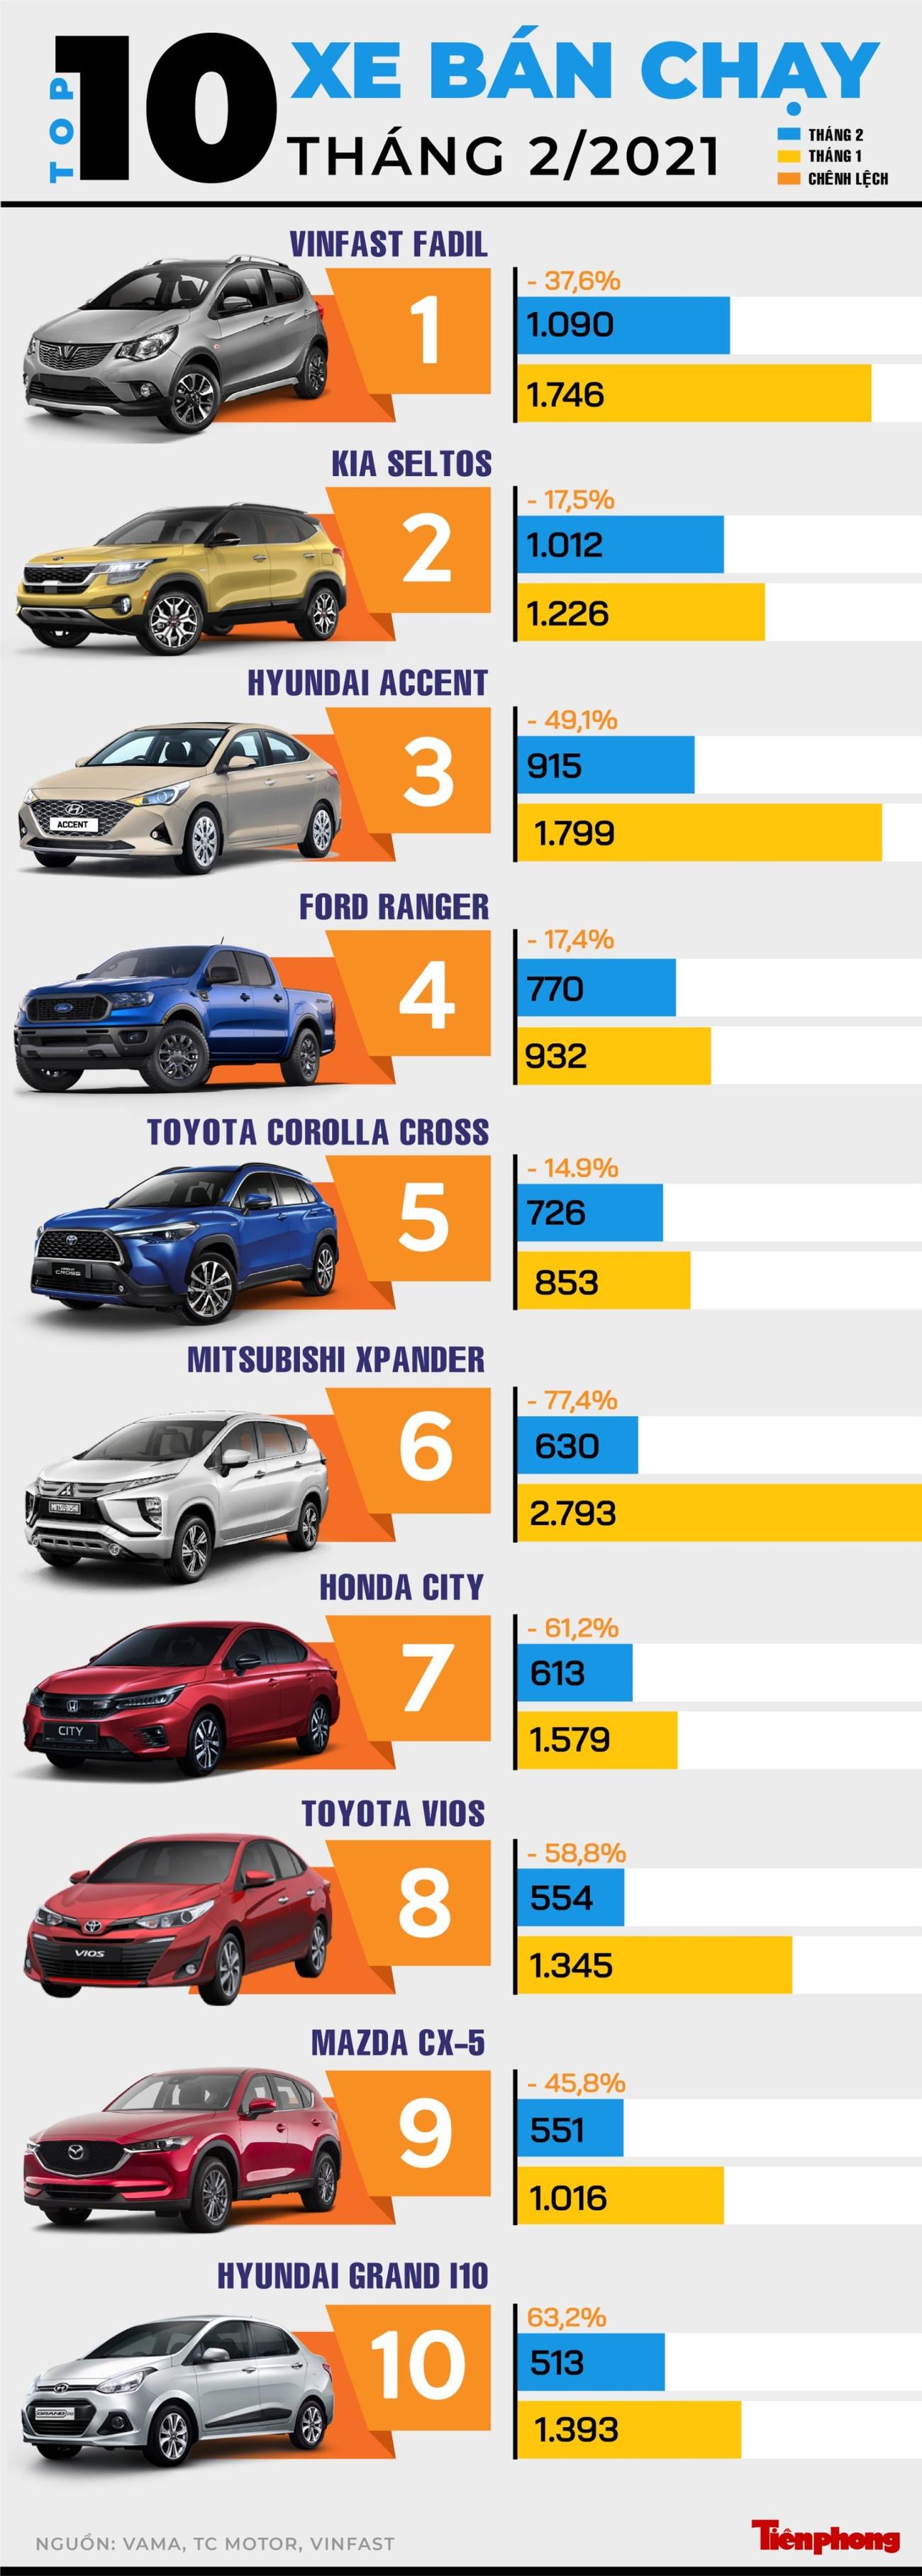 VinFast Fadil lần đầu 'lên đỉnh' top 10 ôtô bán chạy ảnh 1